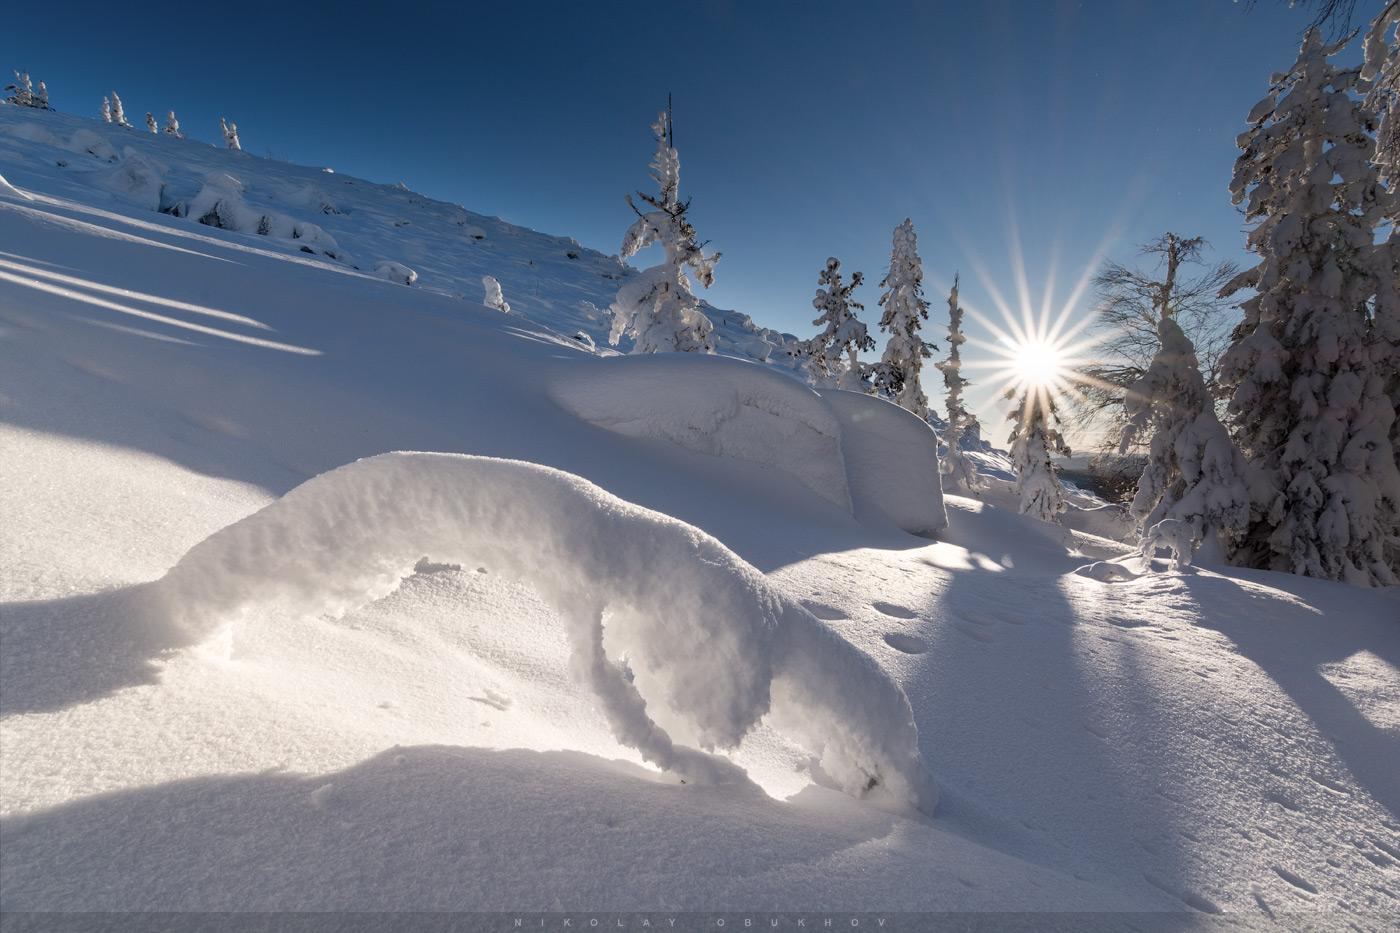 Фотография 14. «По следу». Обзор ширика Tokina 11-16mm f/2.8 DX II. Тестирование на тушке Nikon D7100. Настройки: 11.0 mm, ISO 100, f/16.0, 1/125 s, 0 EV.